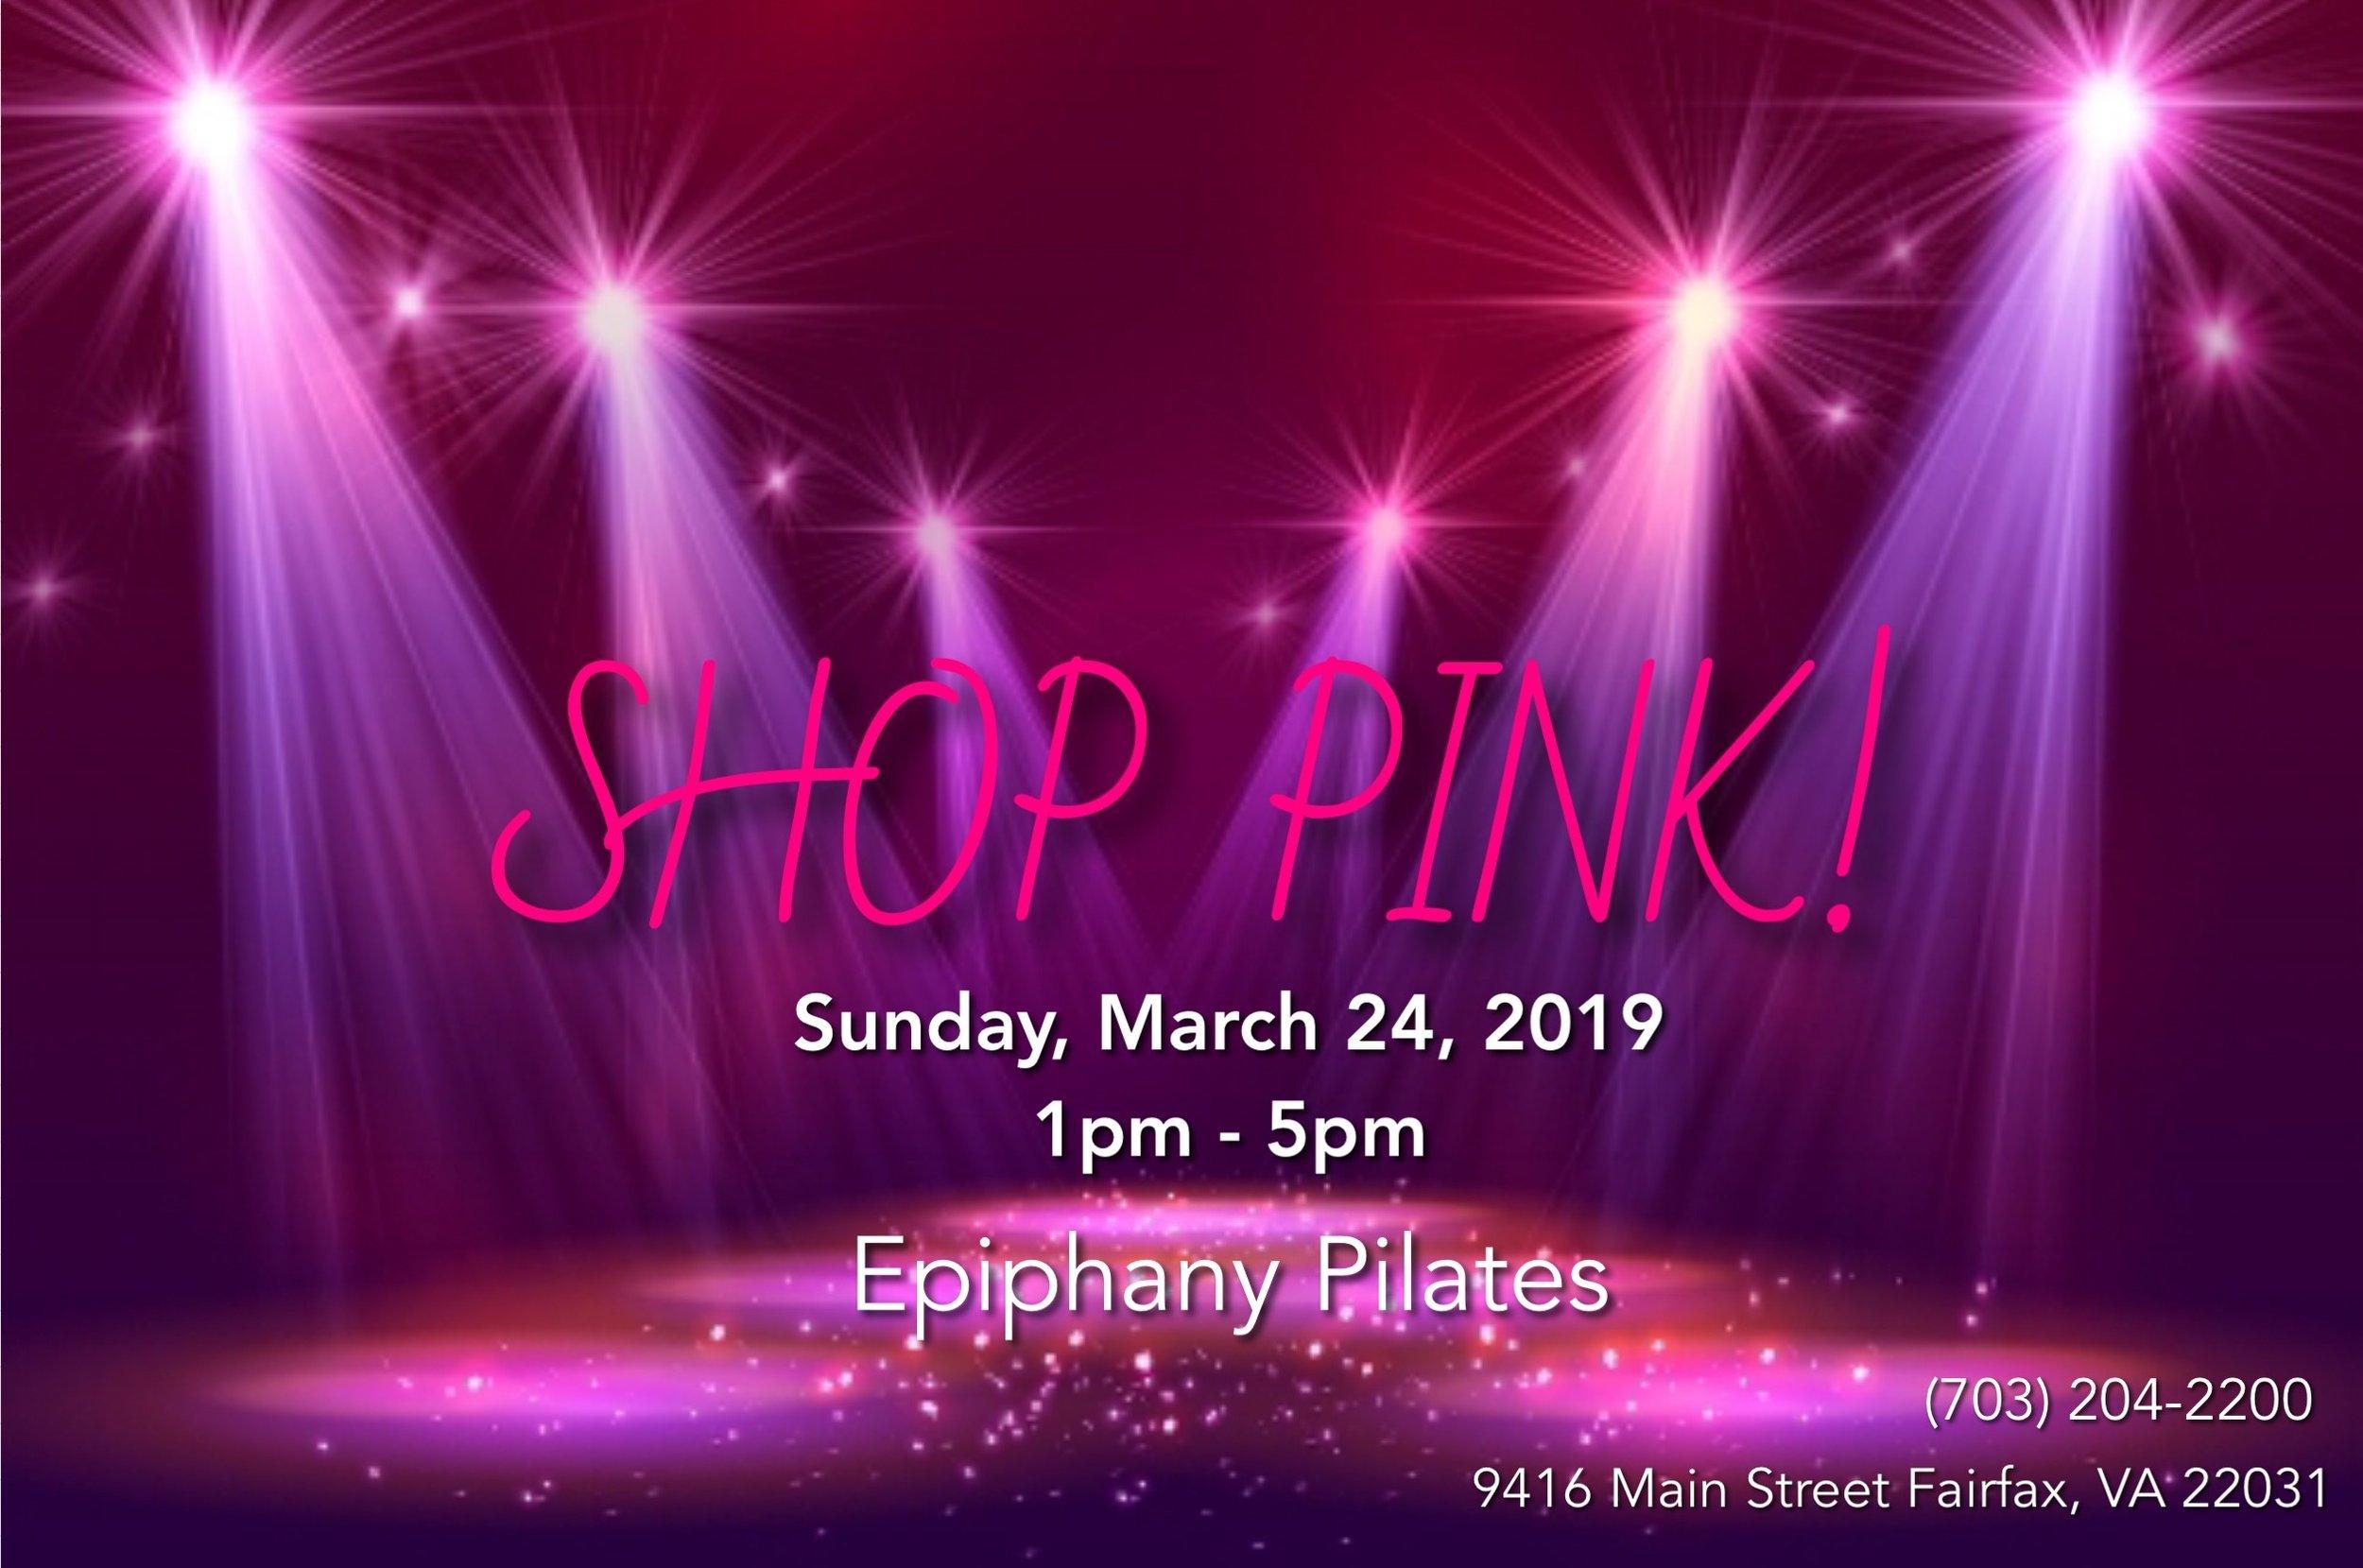 ShopPinkSpotlight_EpiphanyPilates_2019.jpg